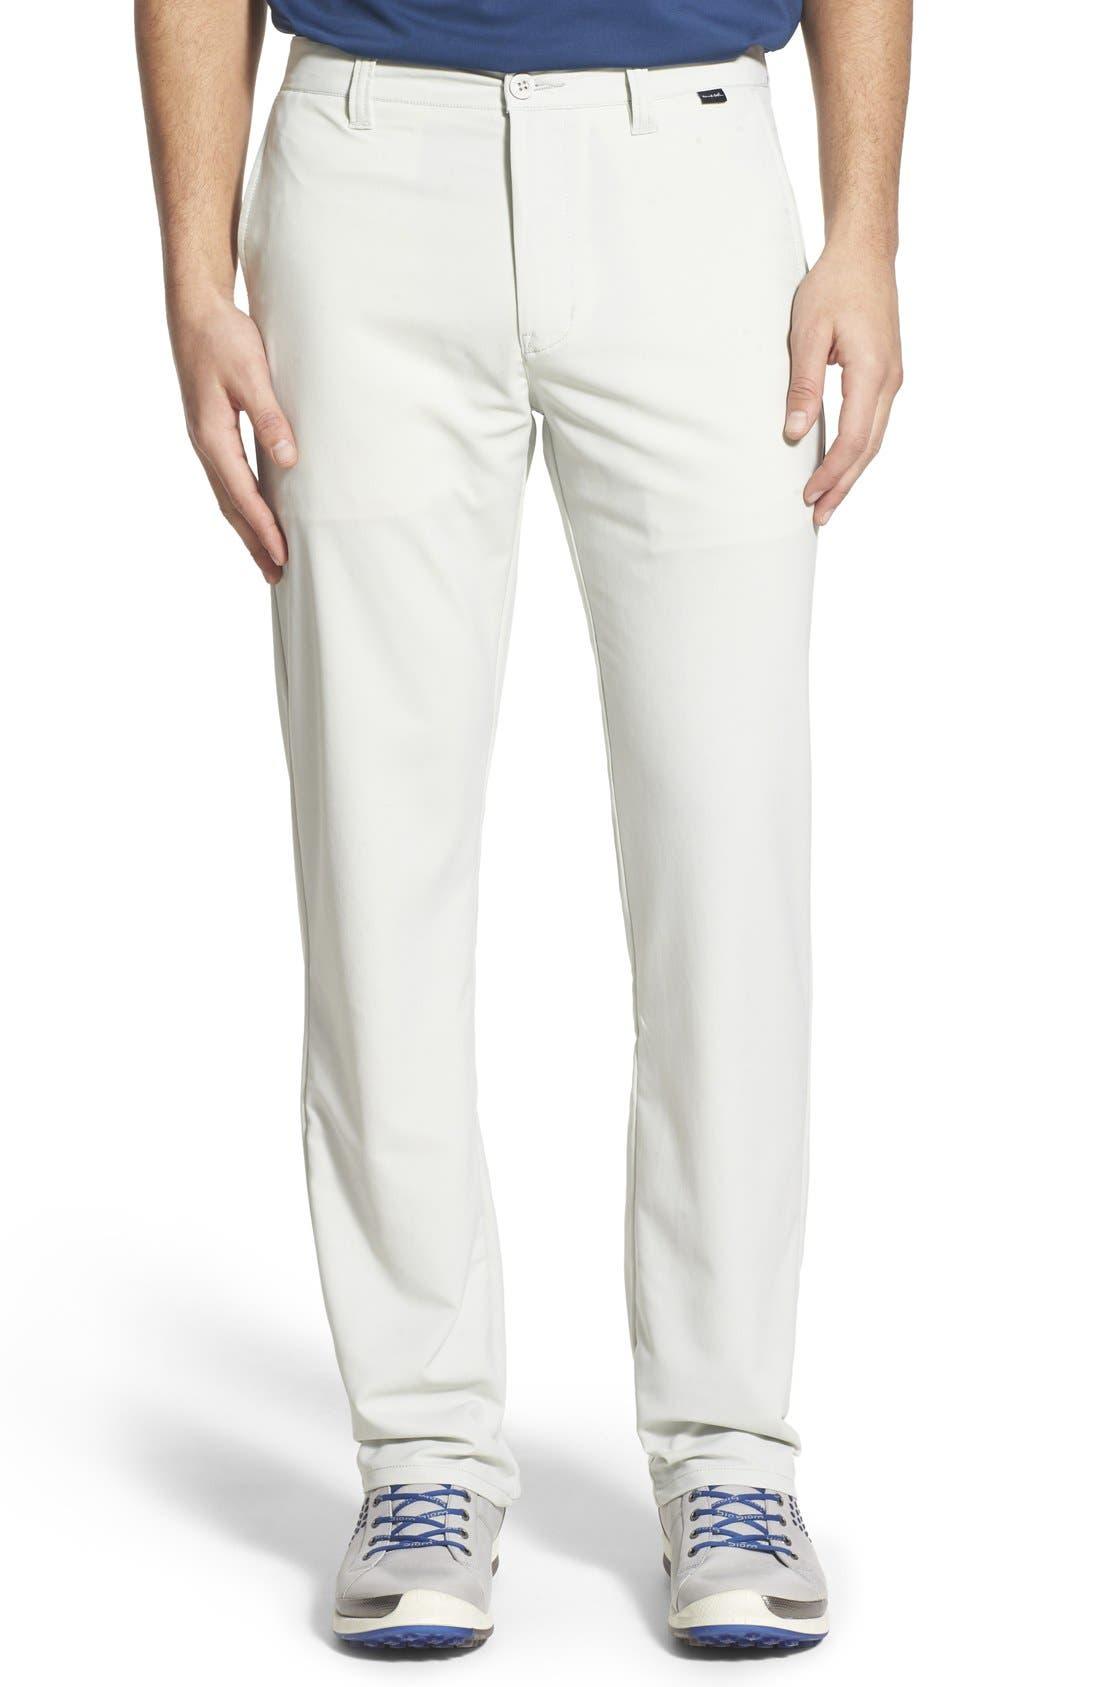 'Hough' Trim Fit Golf Pants,                         Main,                         color, Dawn Blue/ Grey